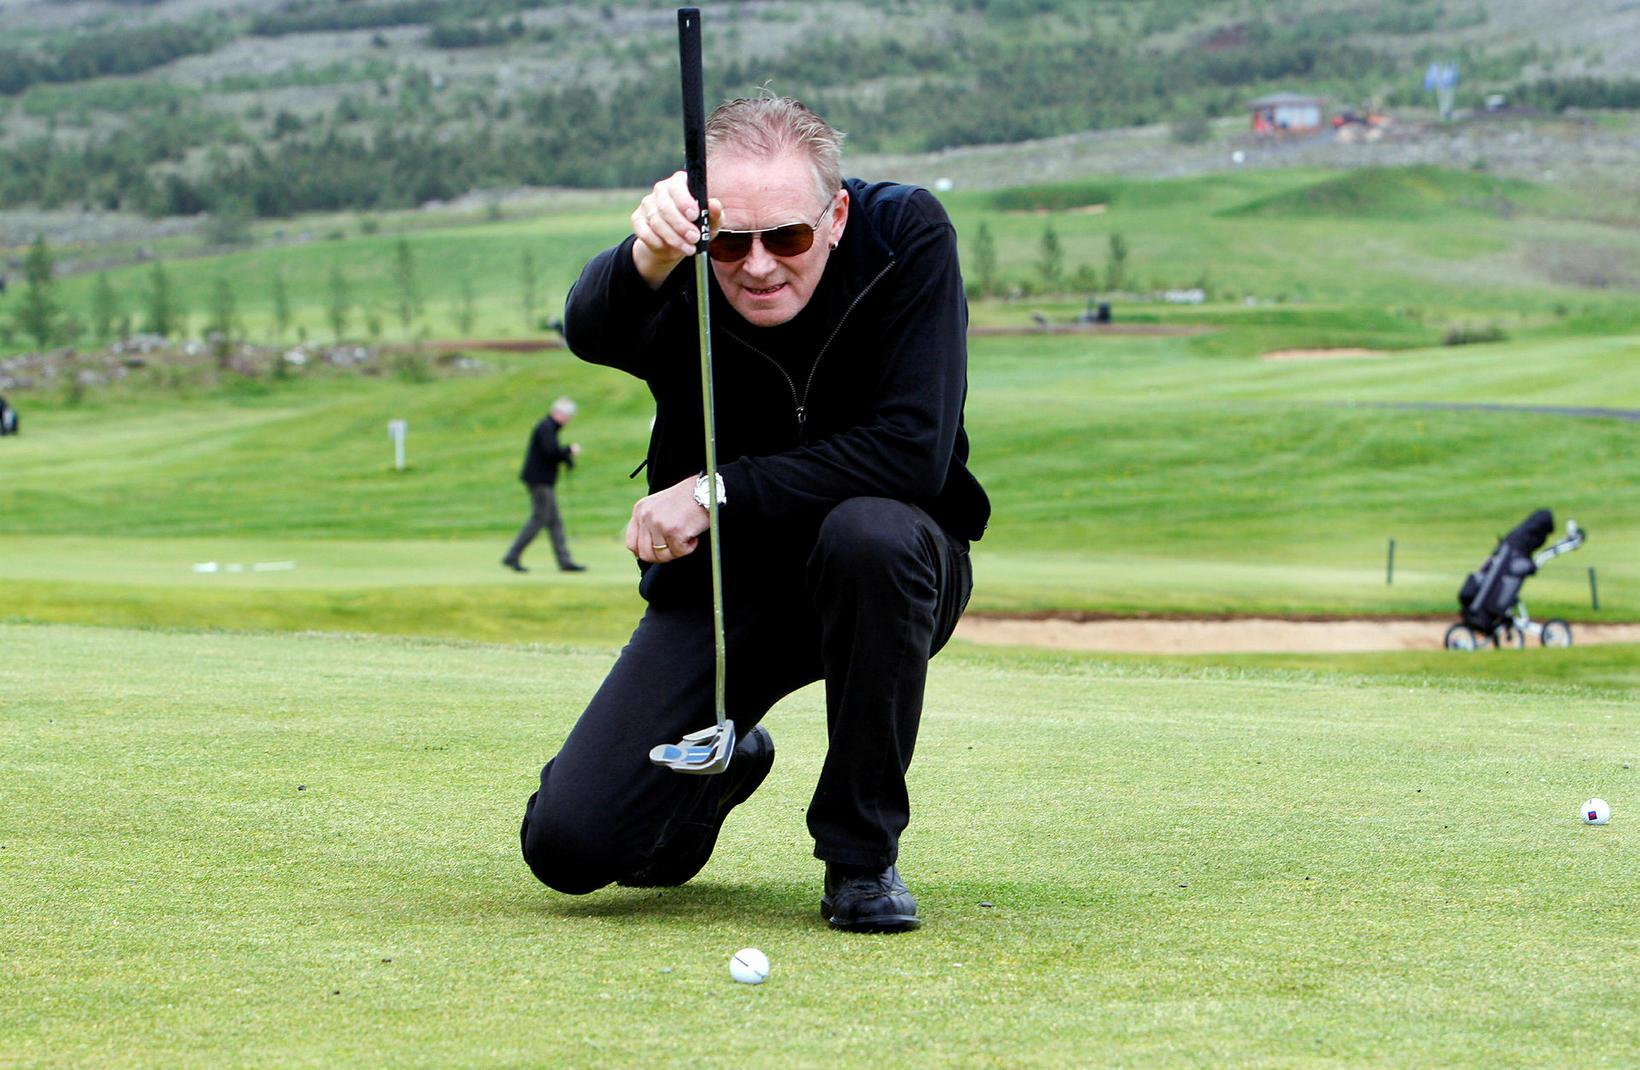 Laddi mælir fyrir pútti. Hann er illa haldinn af golfveirunni.